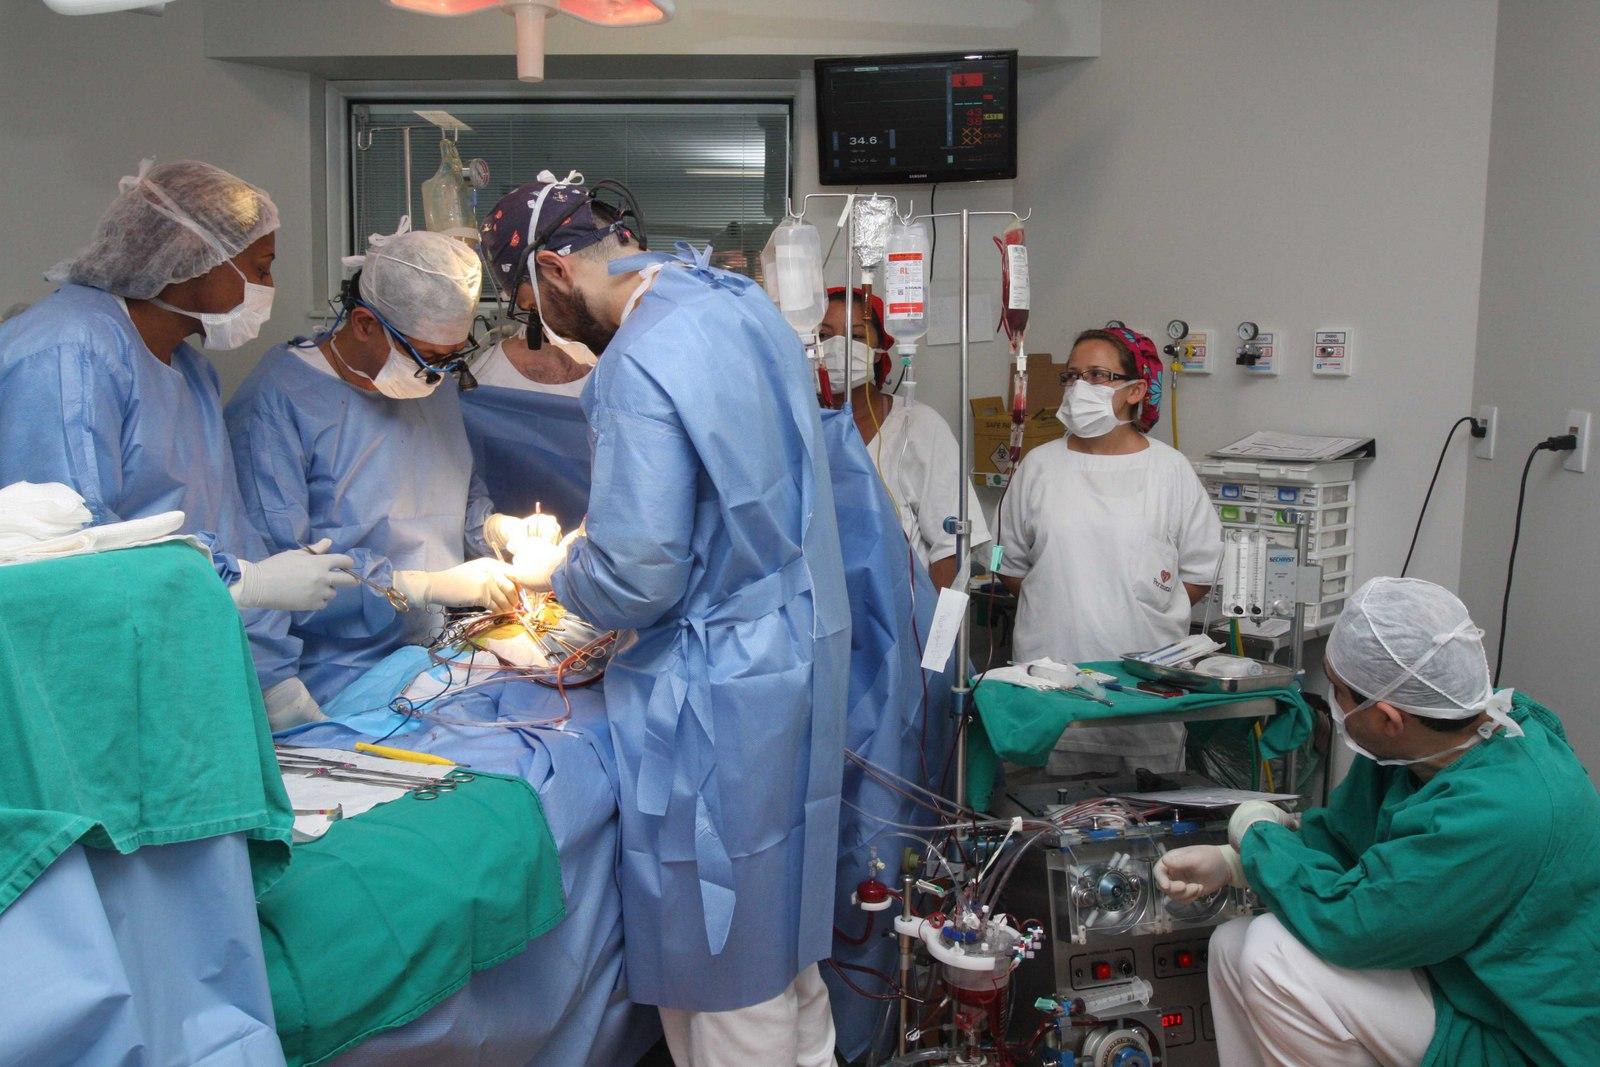 Estima-se que mais de 2,3 mil pessoas morreram à espera de um transplante de órgão no Brasil no ano passado. Foto: Rogério Santana/ GERJ